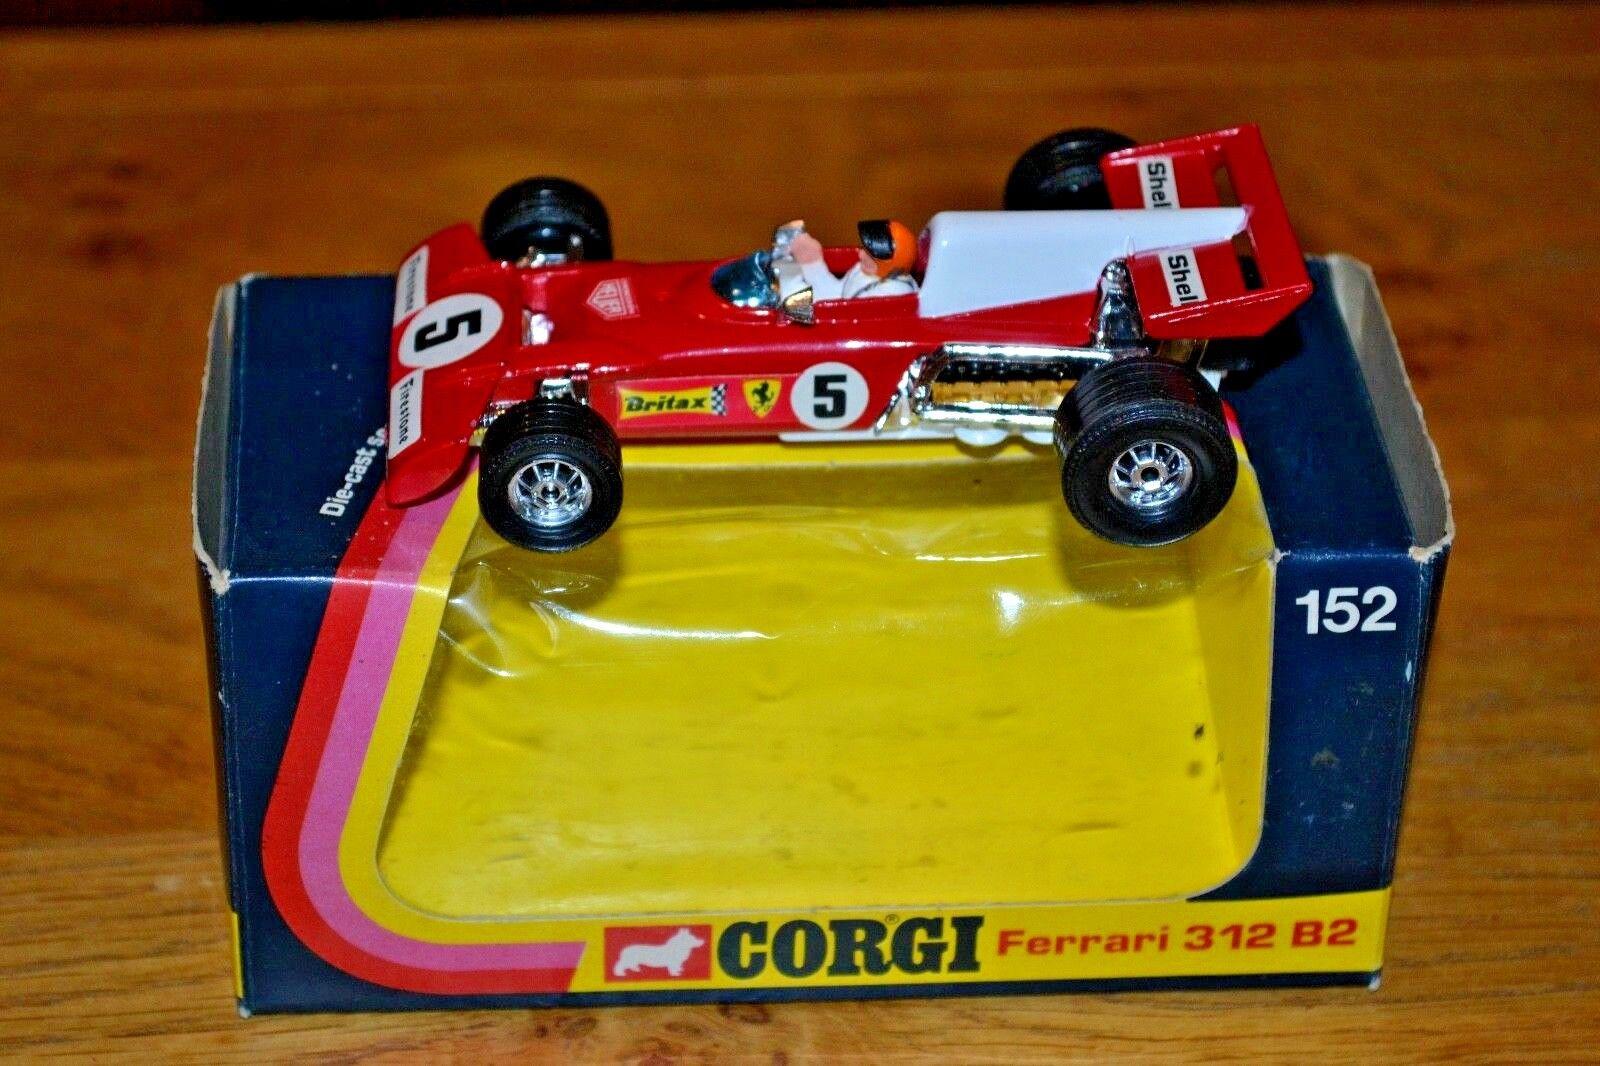 Vintage Corgi Ferrari 312 B2 Formula 1 Car; Mint Condition; Original Box